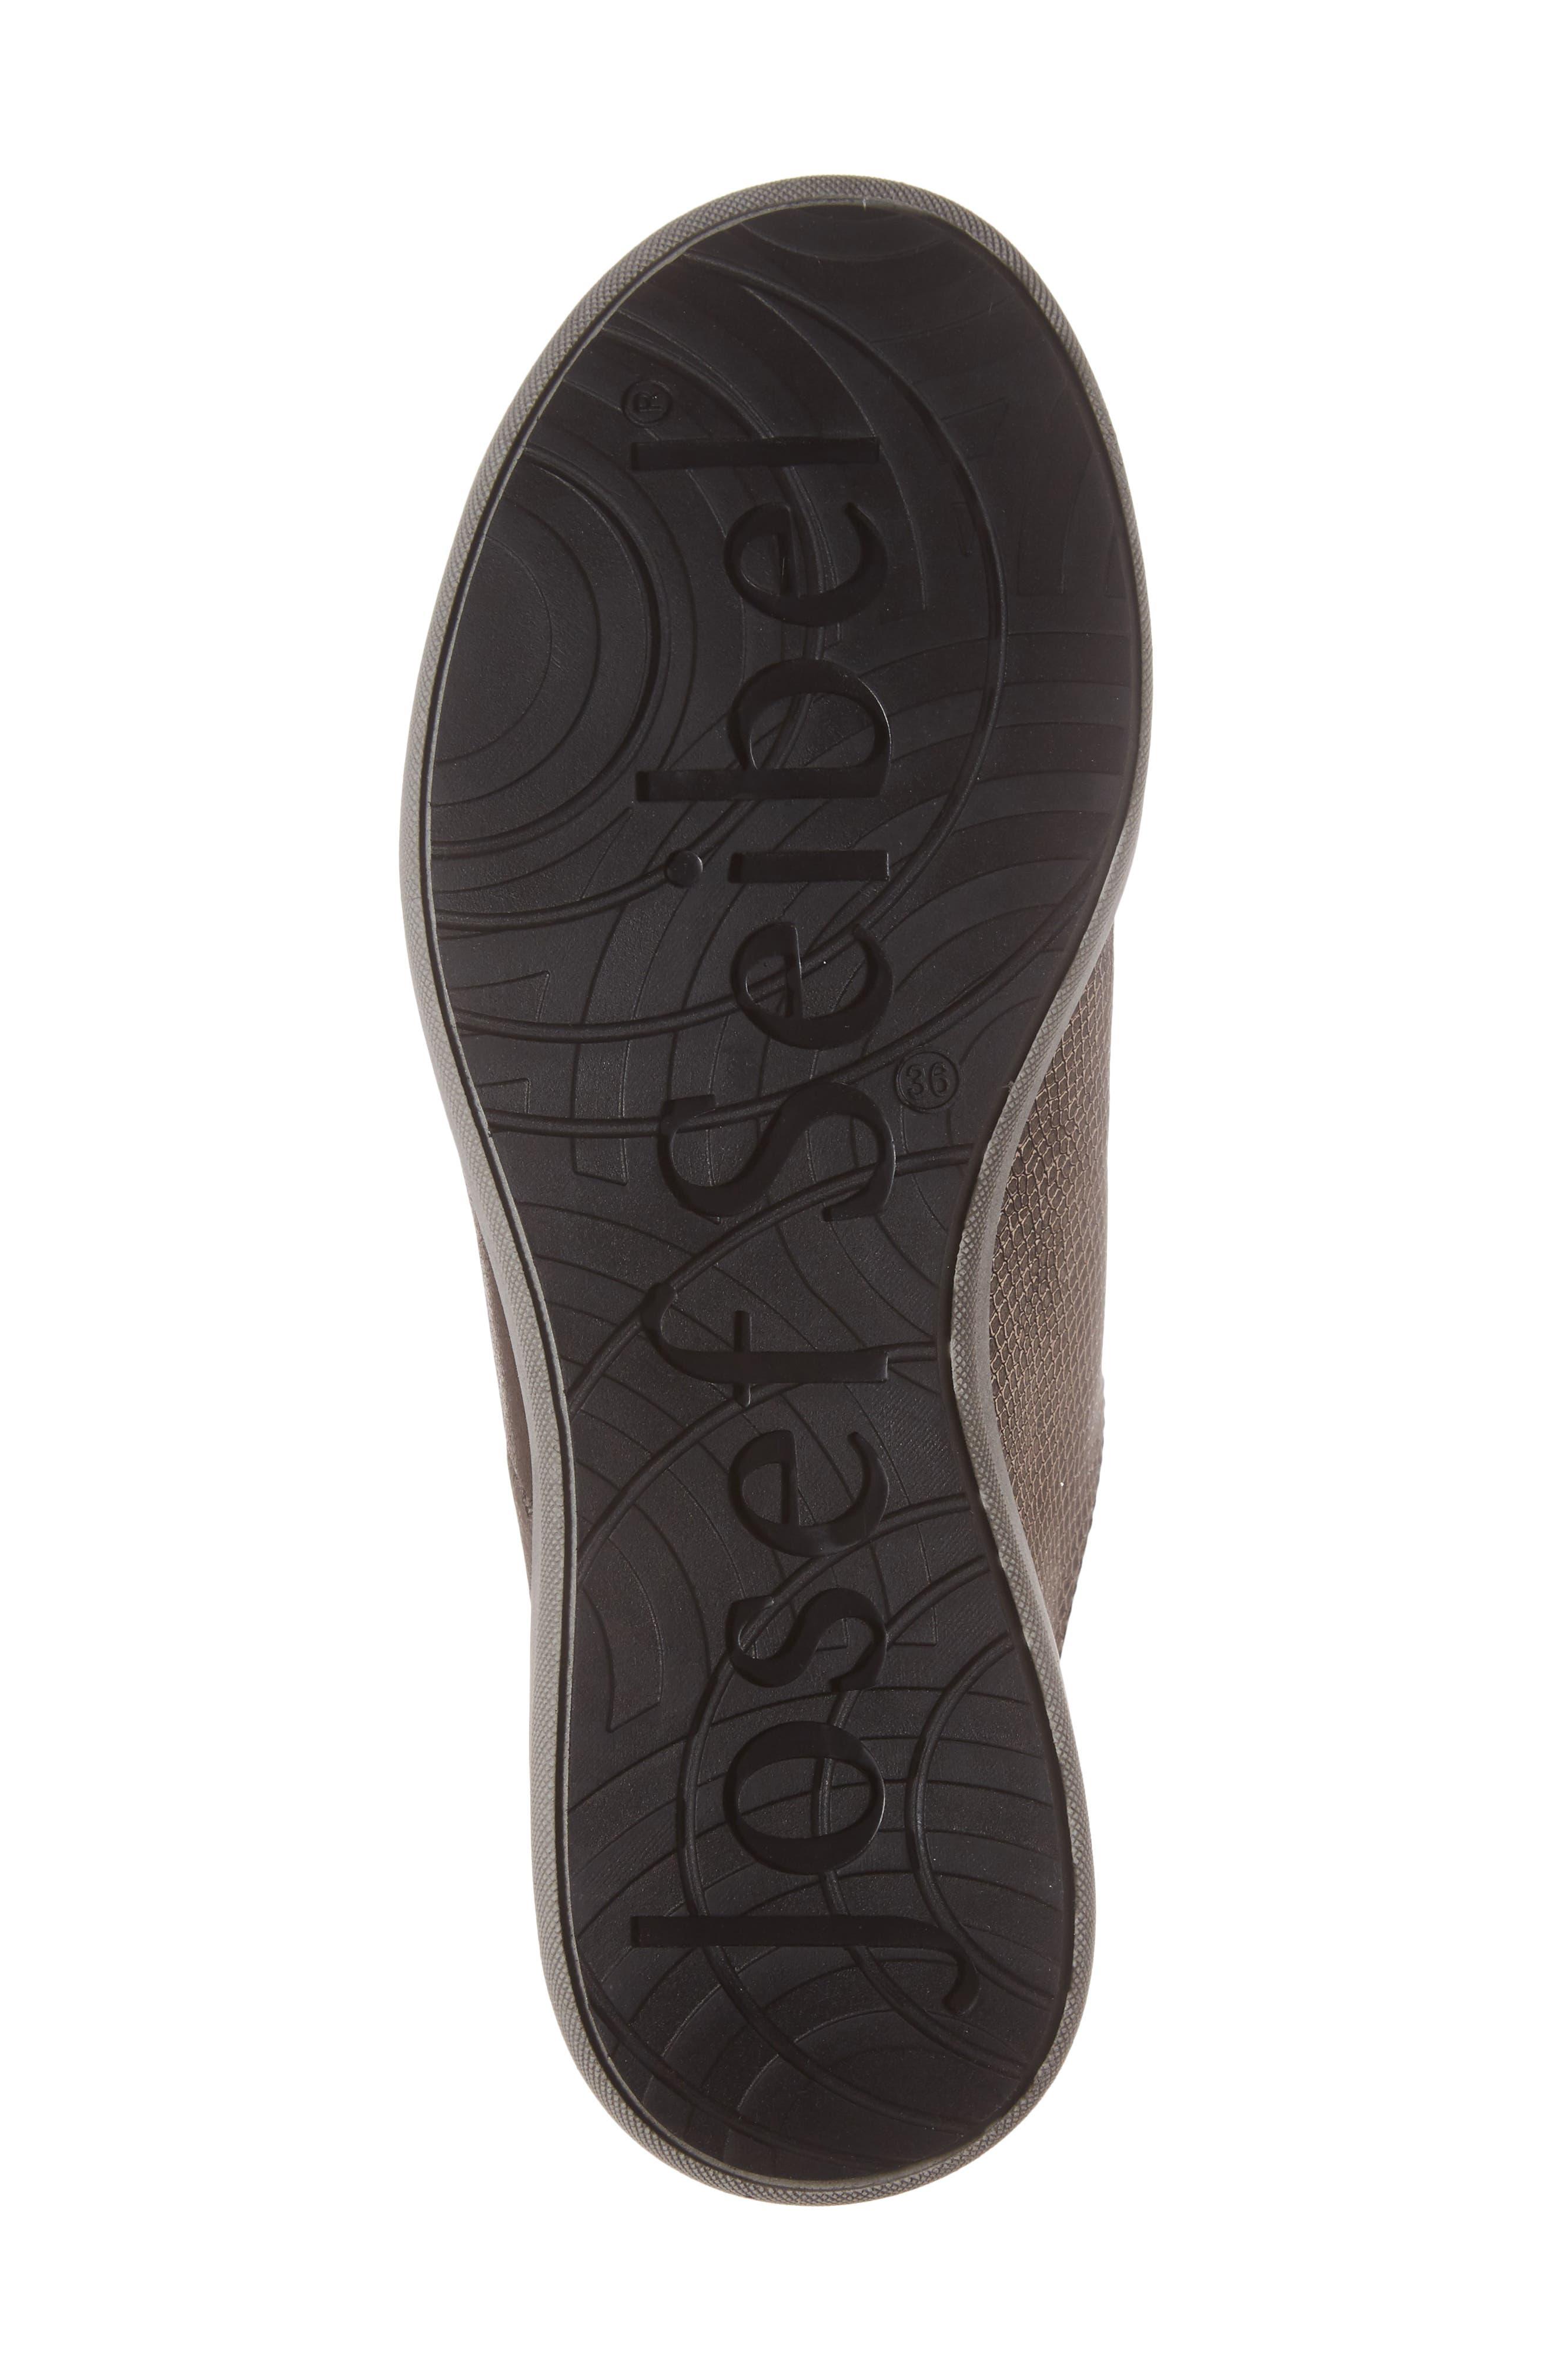 Sina 27 Sneaker,                             Alternate thumbnail 6, color,                             Asphalt/ Kombi Leather